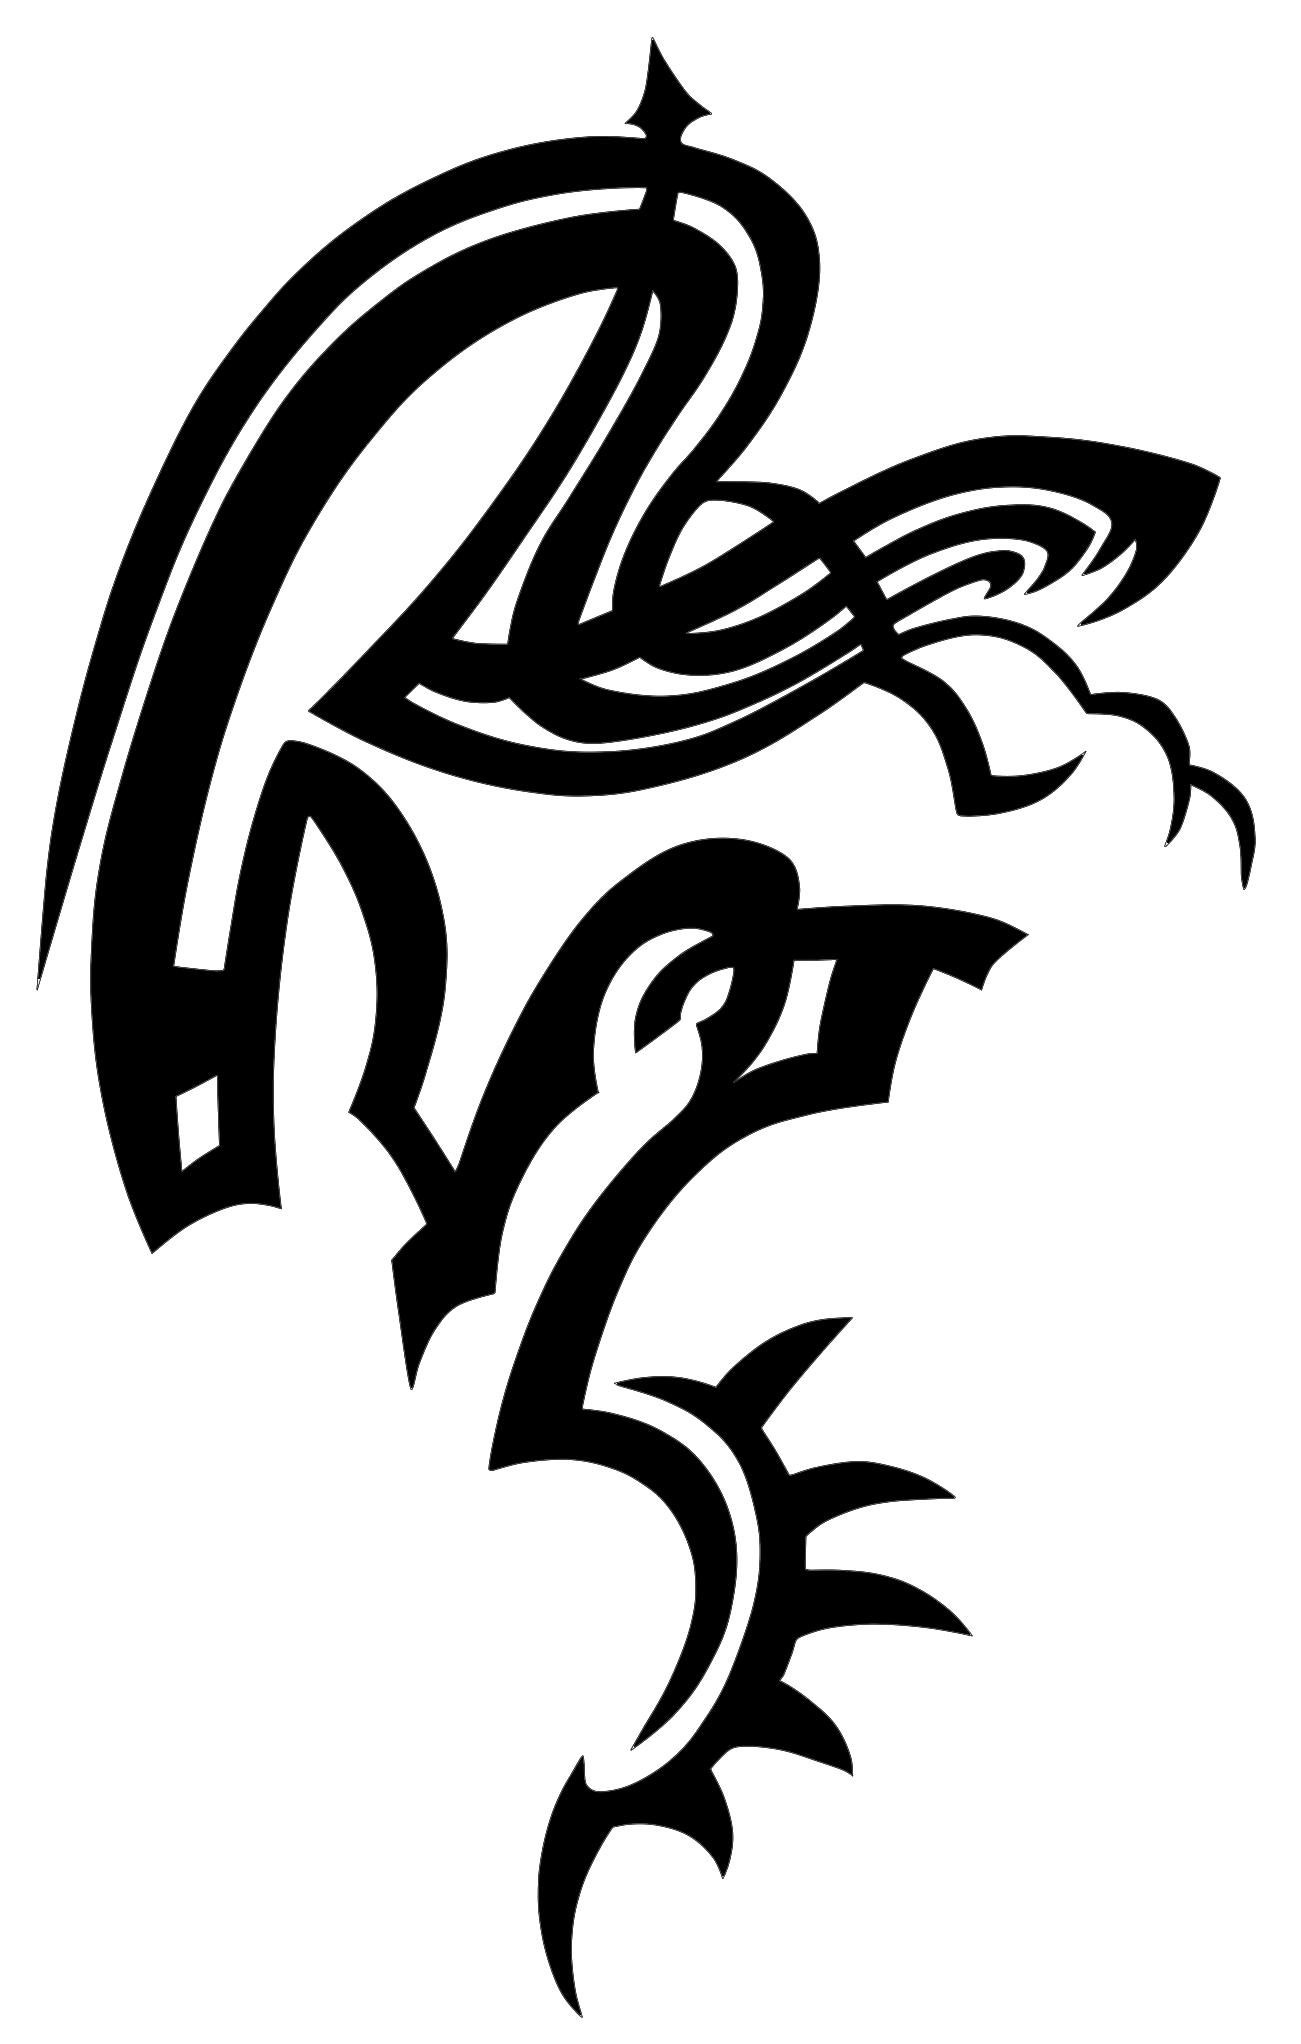 Download Snake Tattoo Transparent Hq Png Image Freepngimg